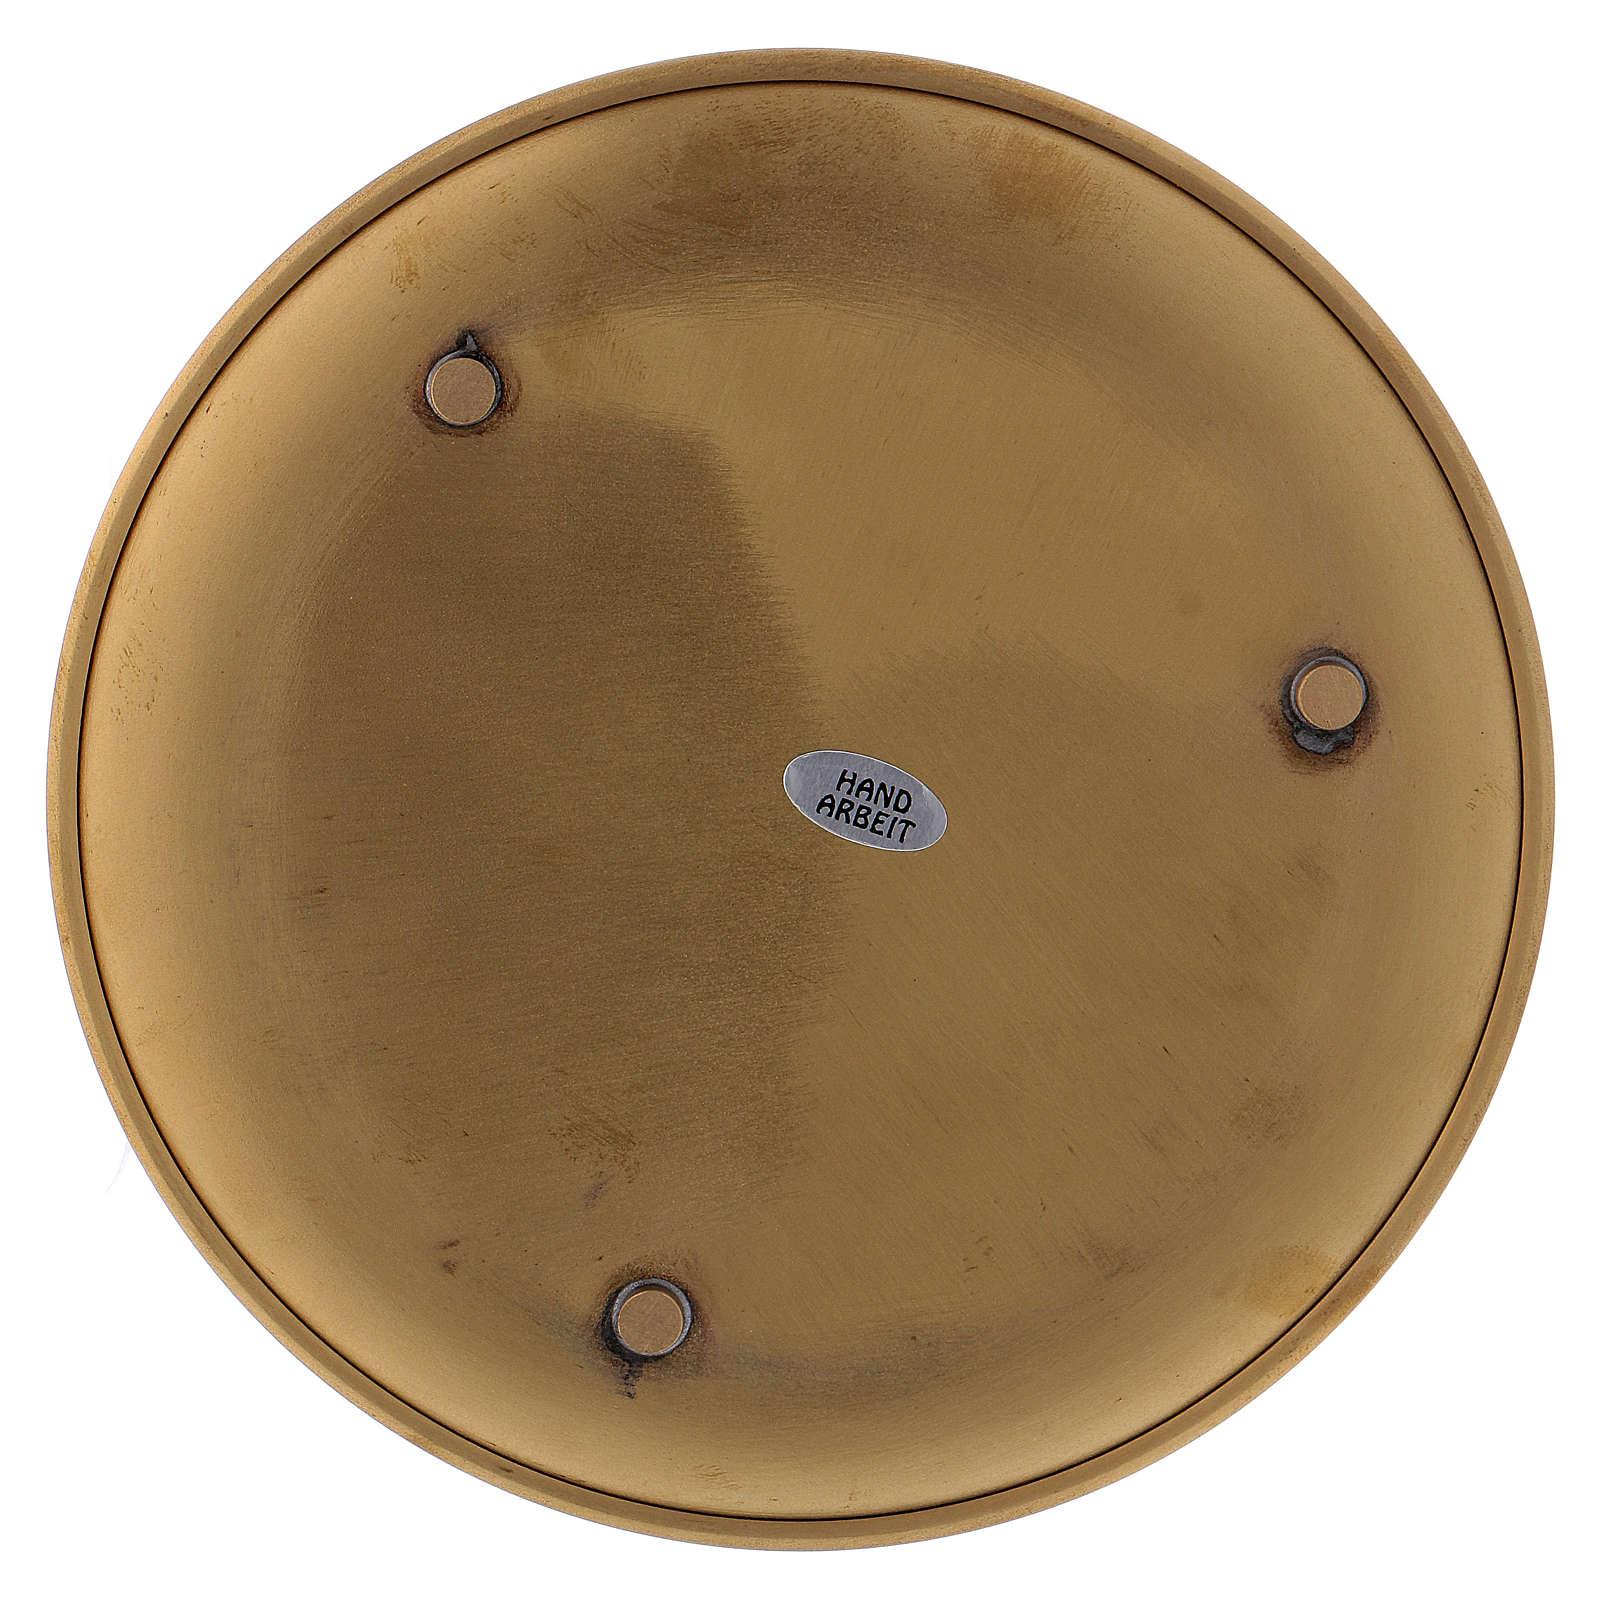 Piattino portacero ottone dorato opaco 17 cm 3